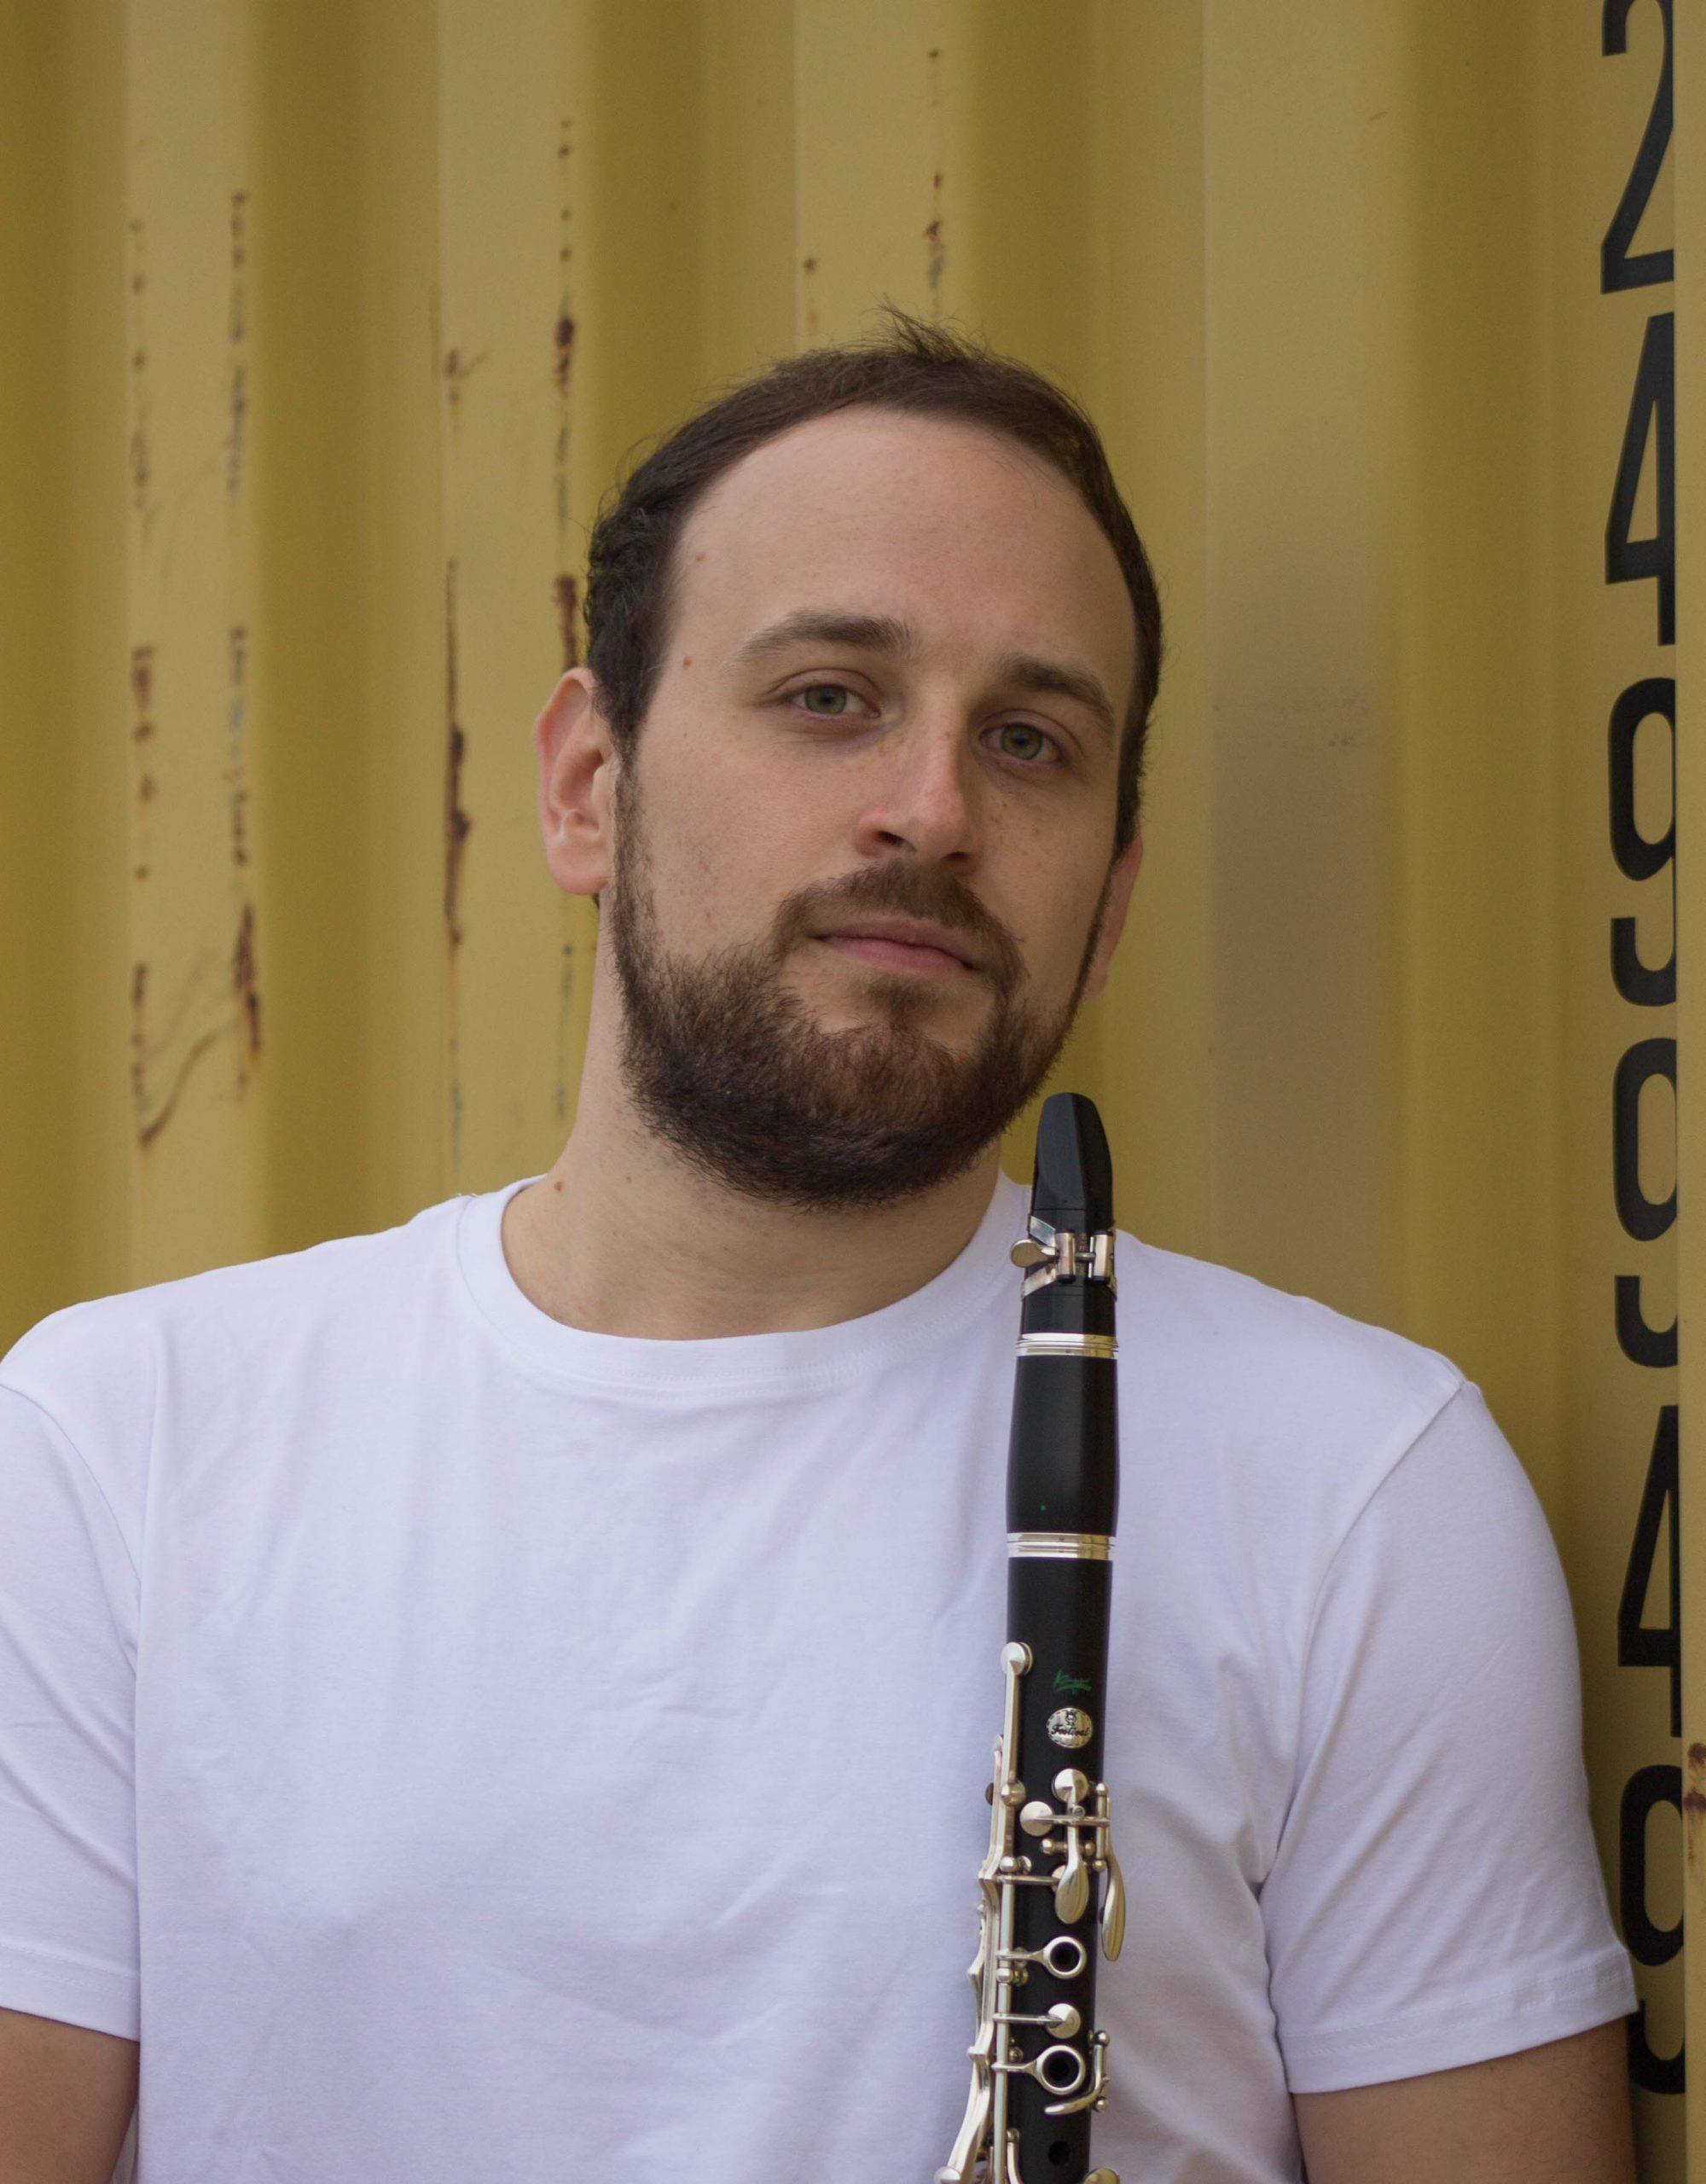 Daniele Zamboni